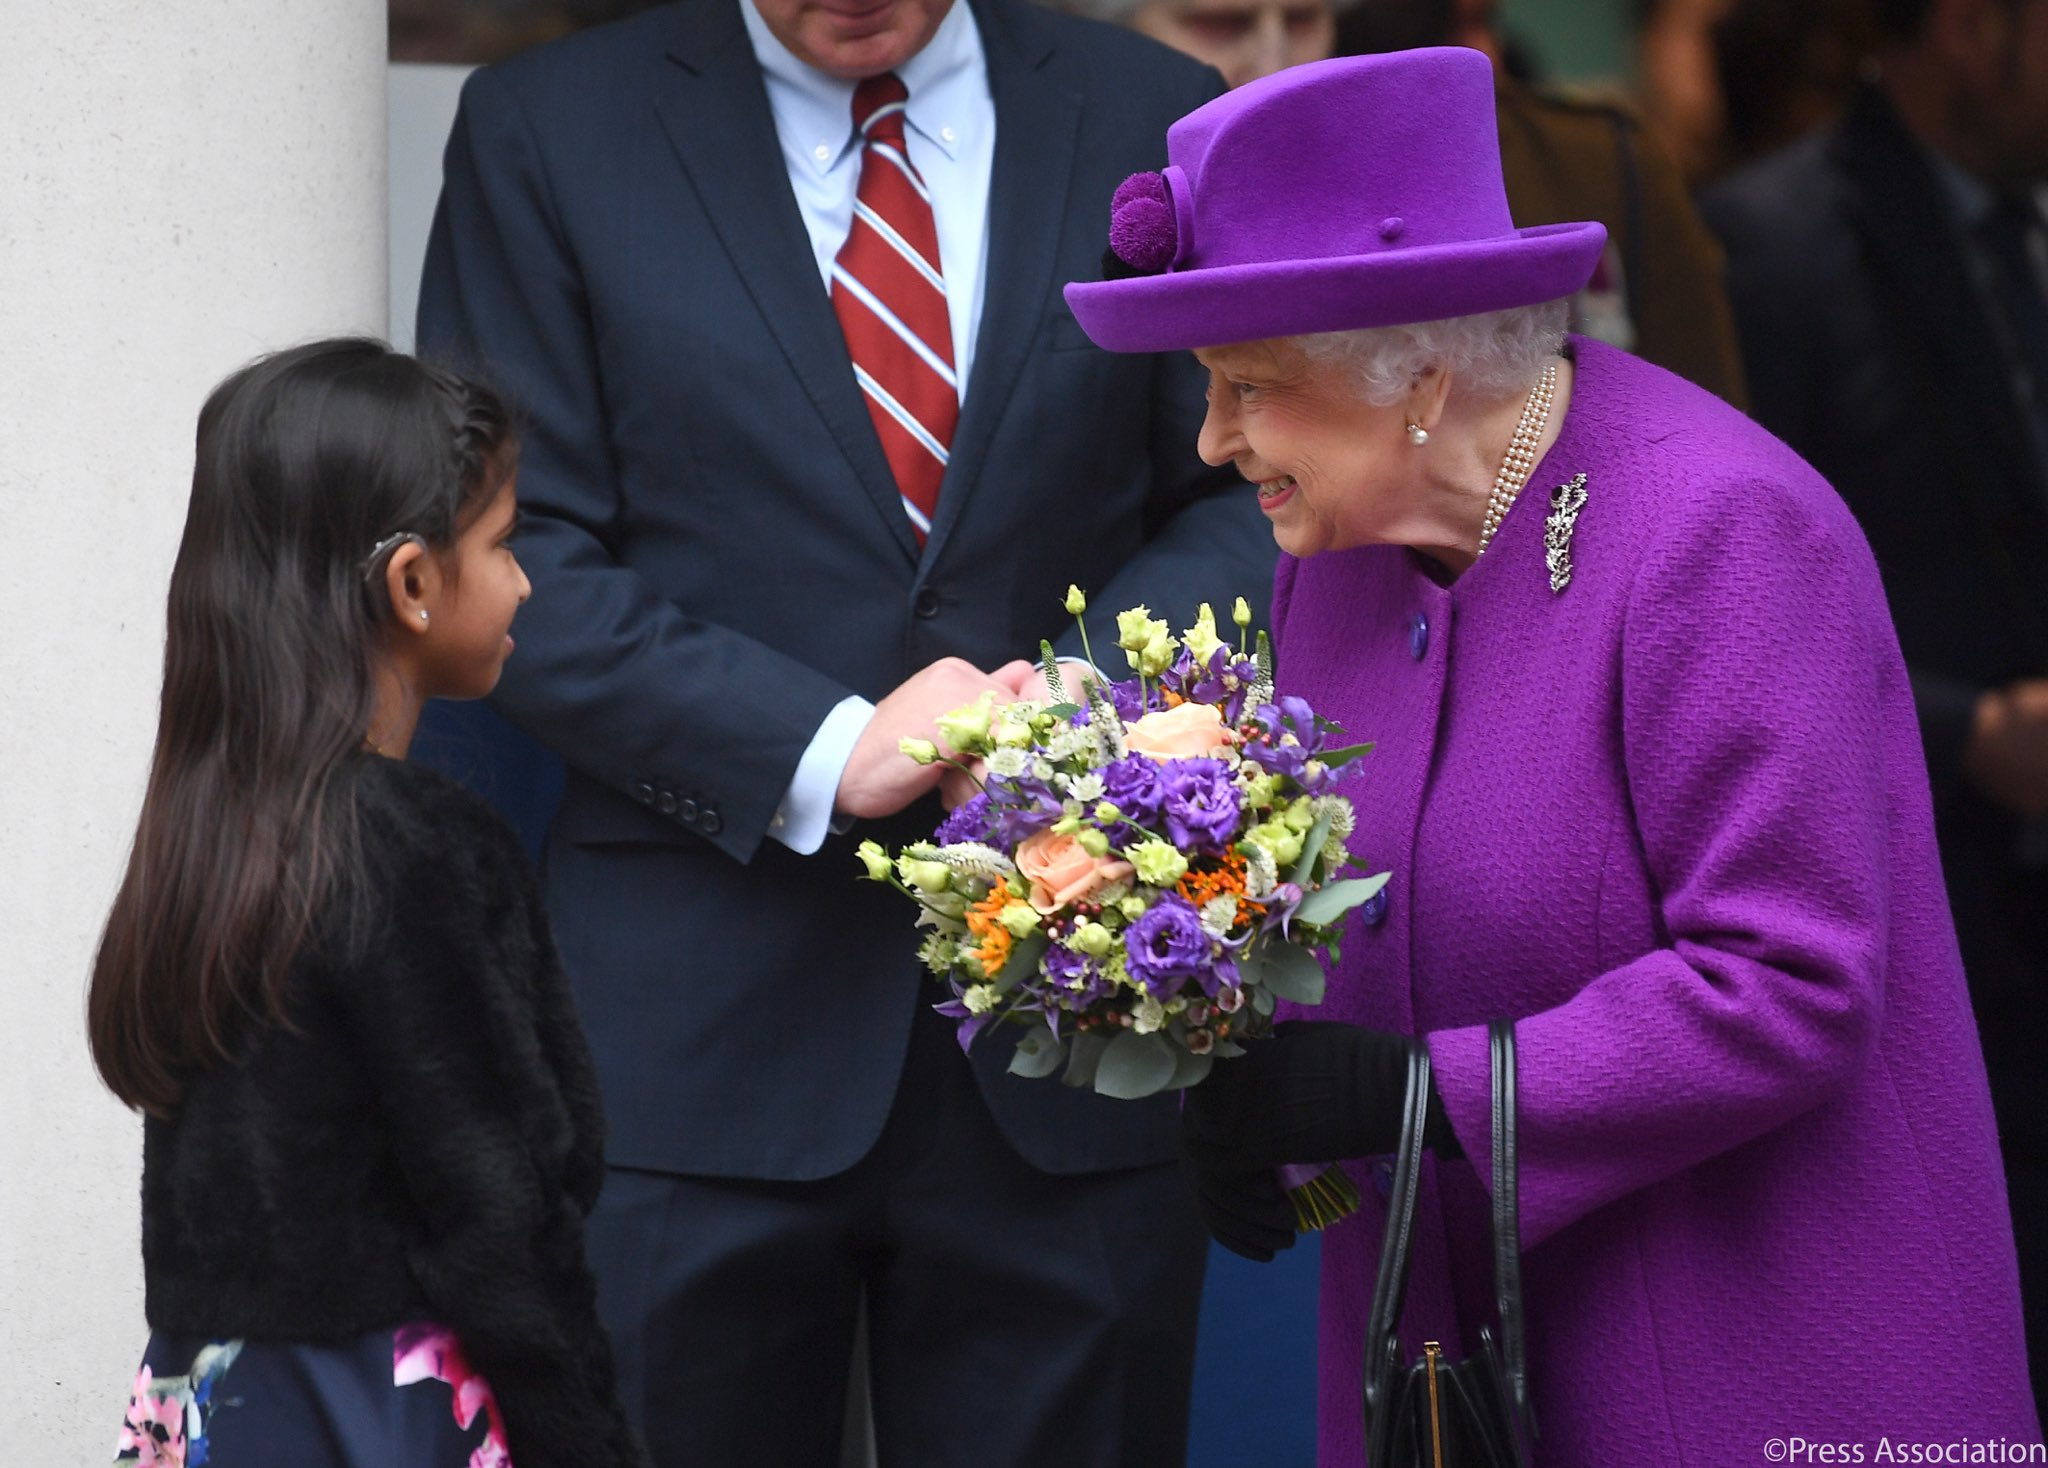 Елизавета II посетила лондонскую детскую больницу